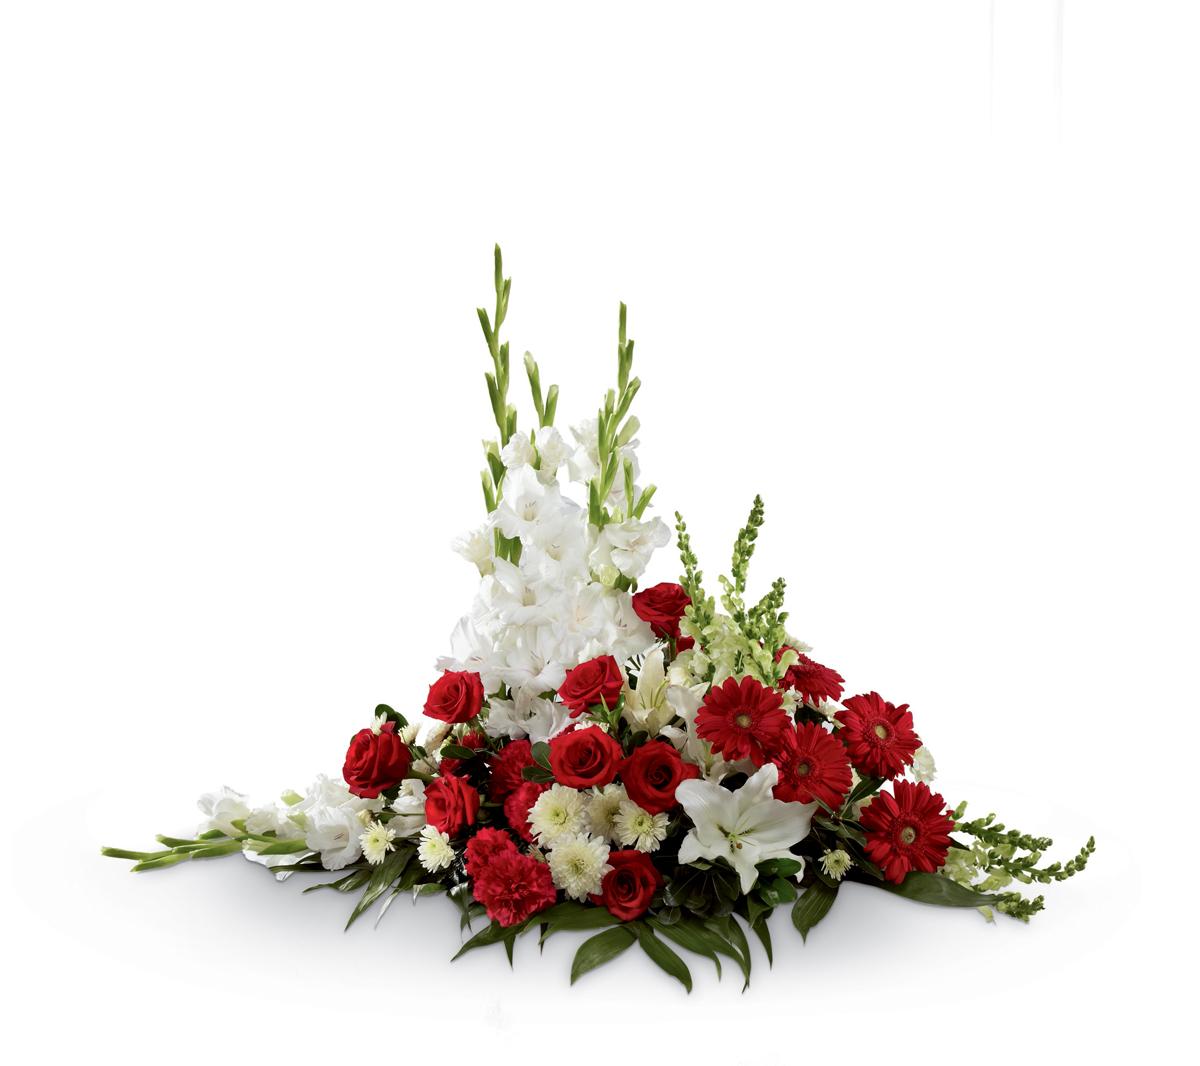 The Ftd Crimson White Arrang Altamonte Springs Fl Florist